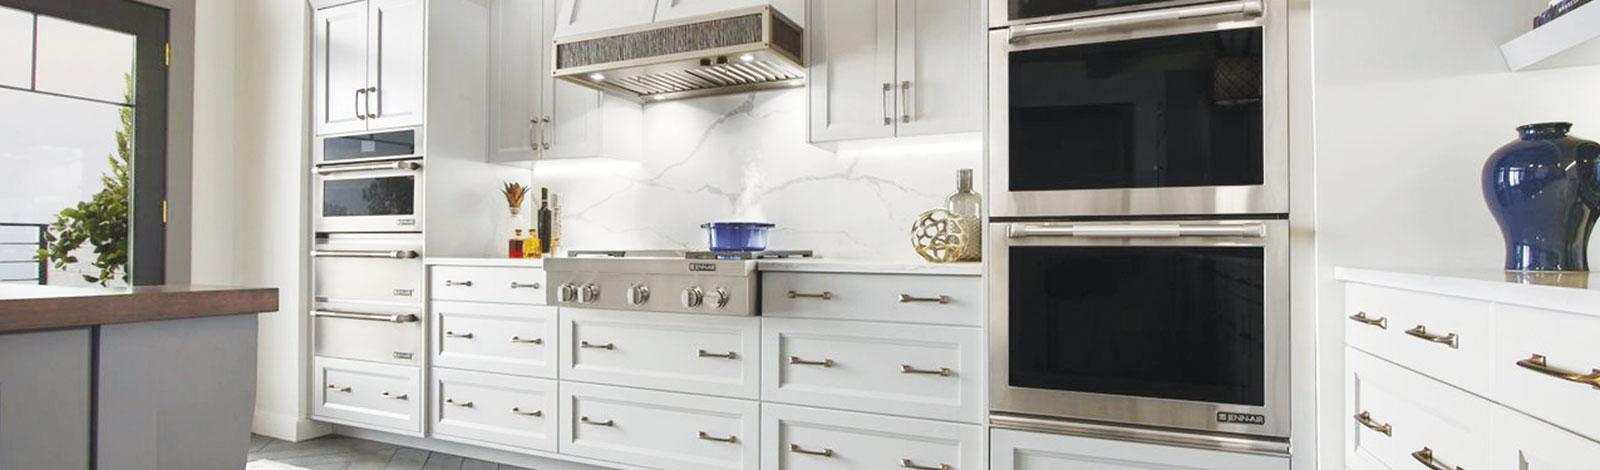 Jenn-Air-Pro-Style-Kitchen-Web